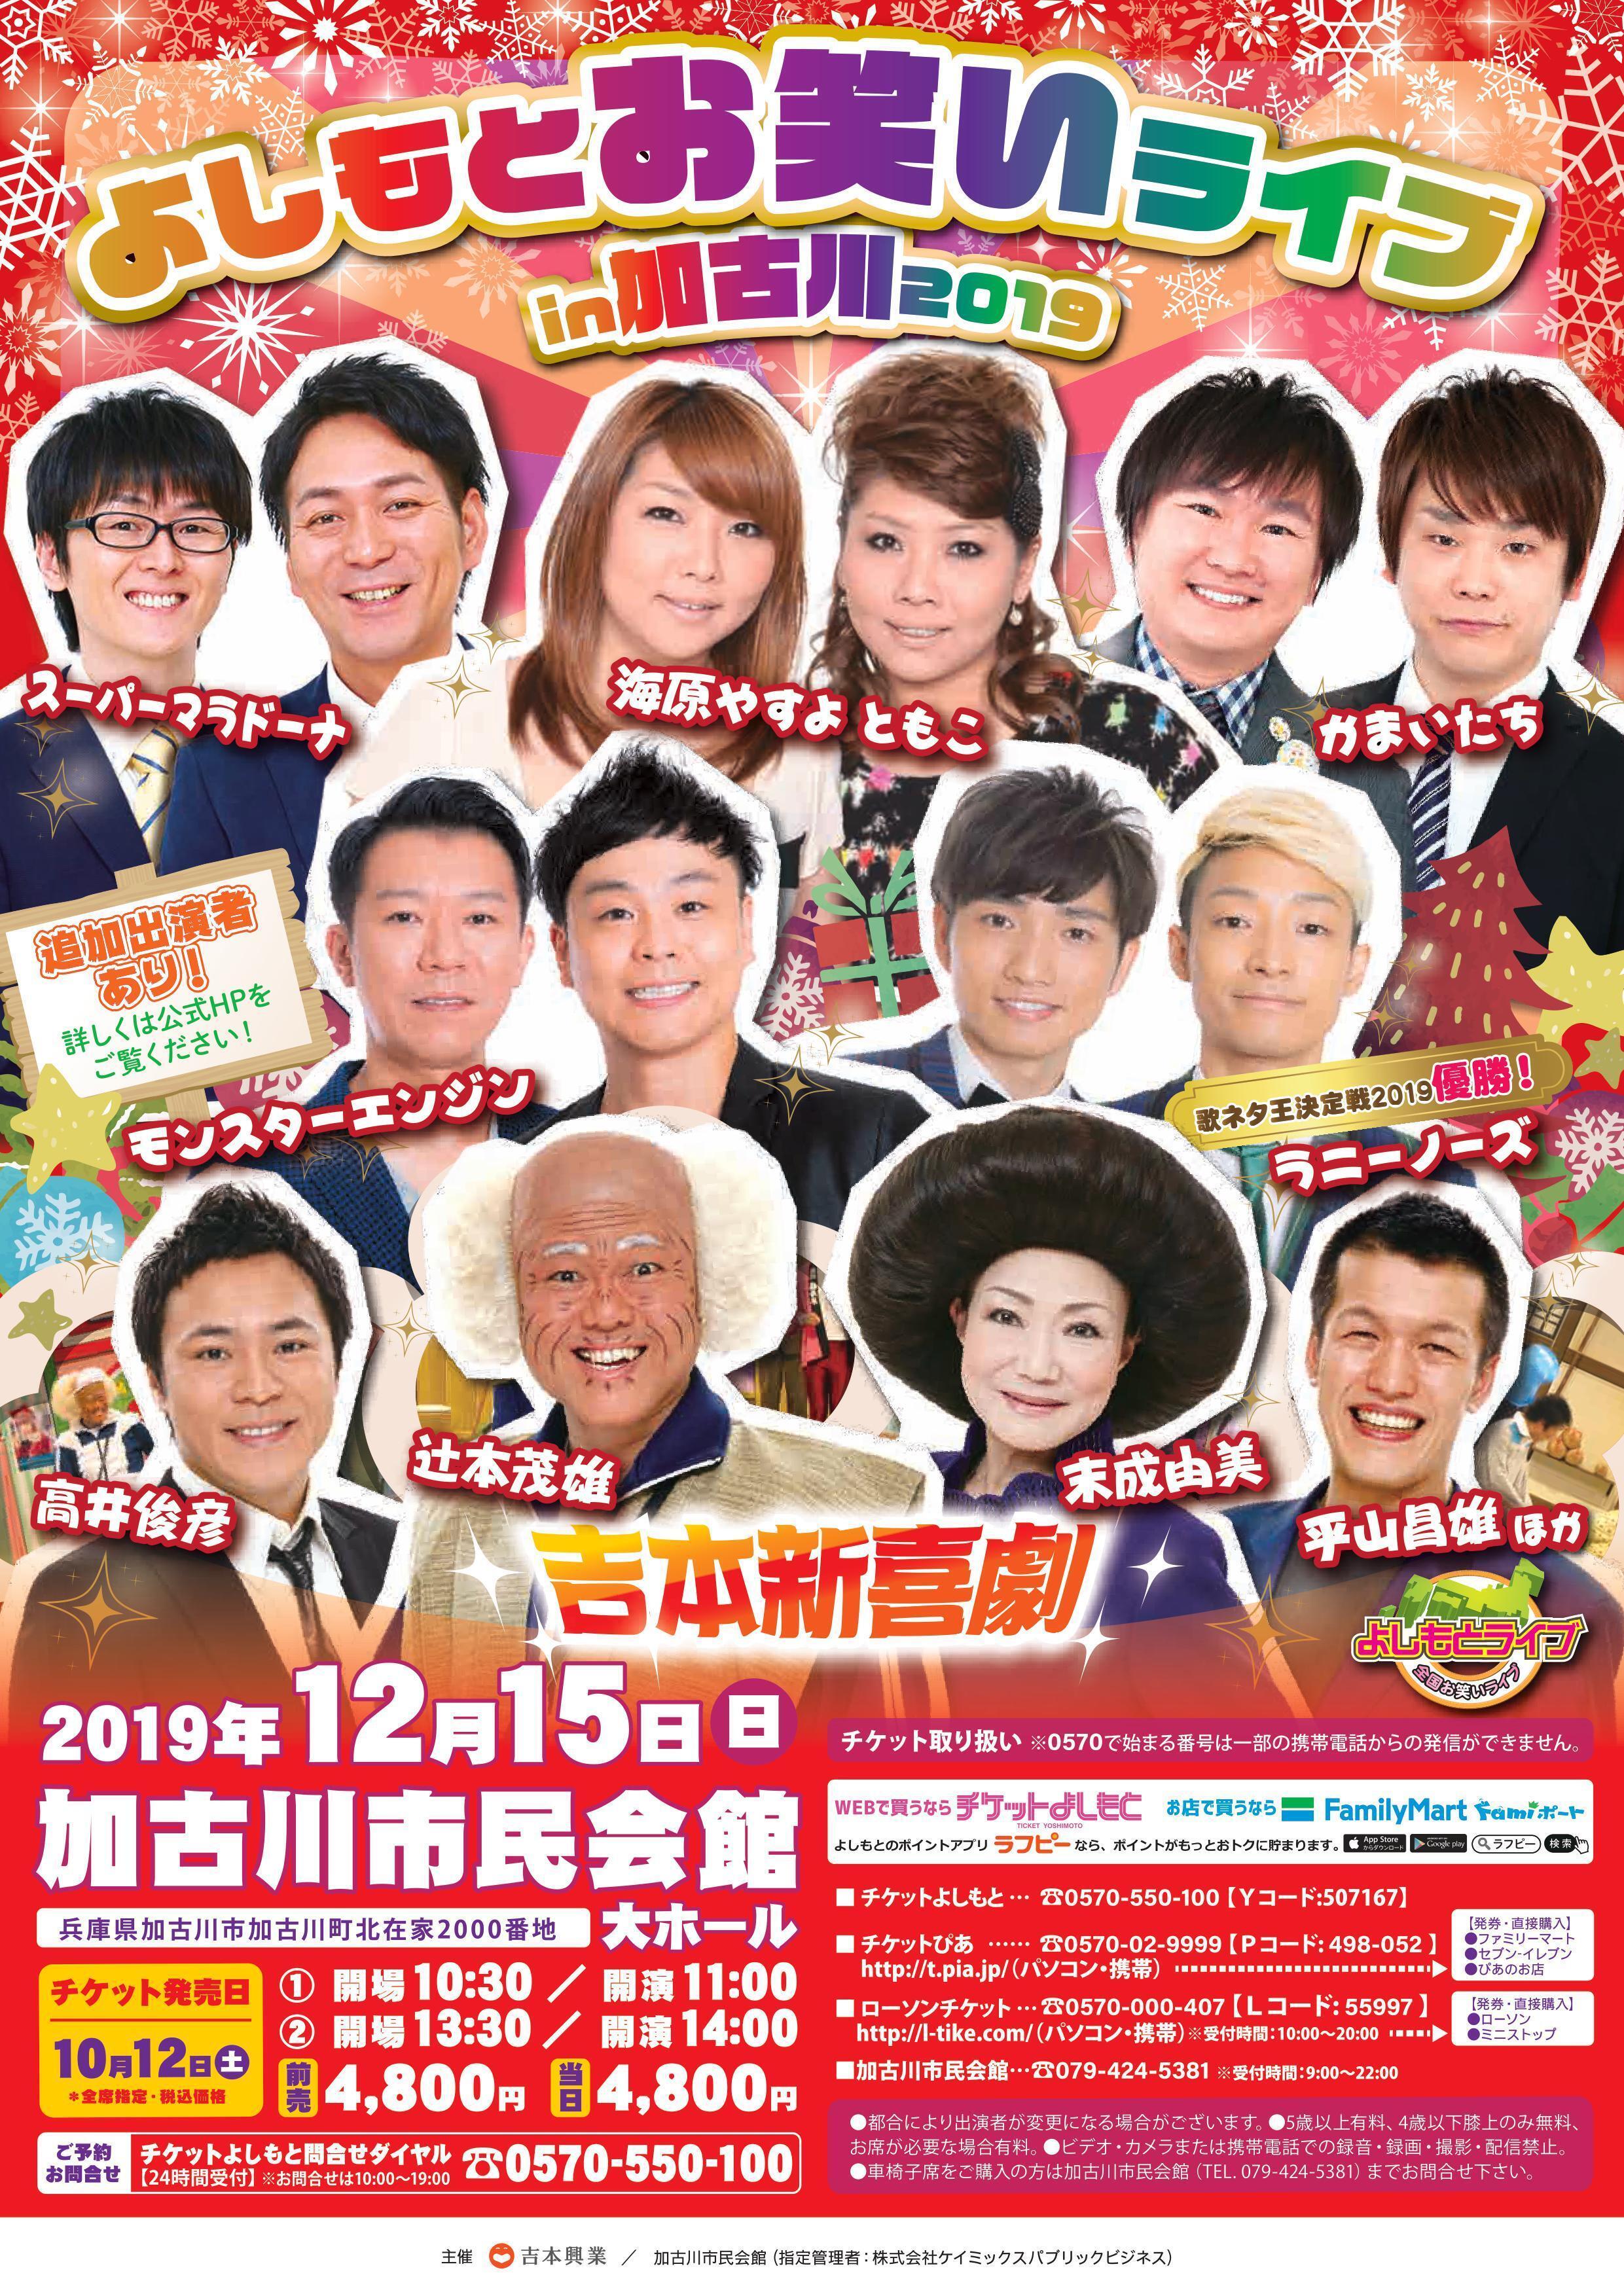 http://www.syumatsu.jp/20191010123944-33396a20333841e27335b4984ae4bbaf988b38f8.jpg